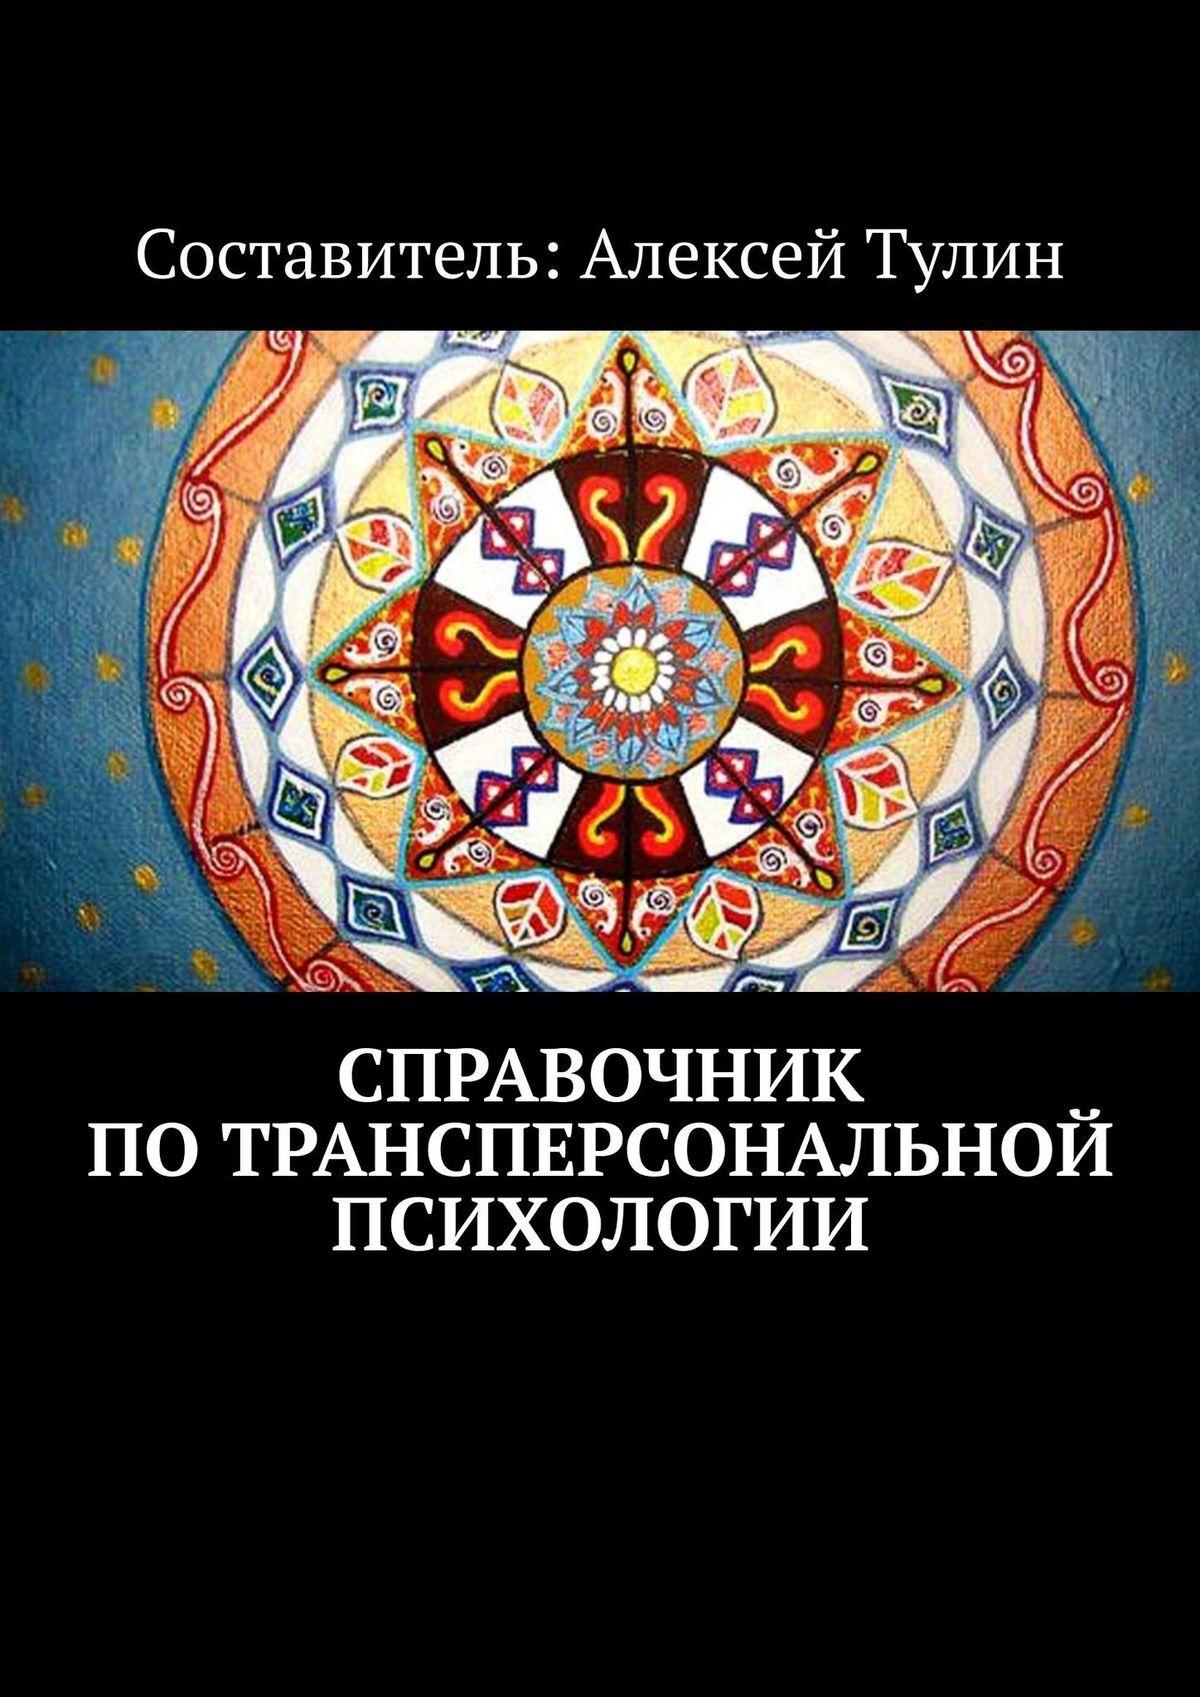 Купить книгу Справочник потрансперсональной психологии, автора Алексея Тулина